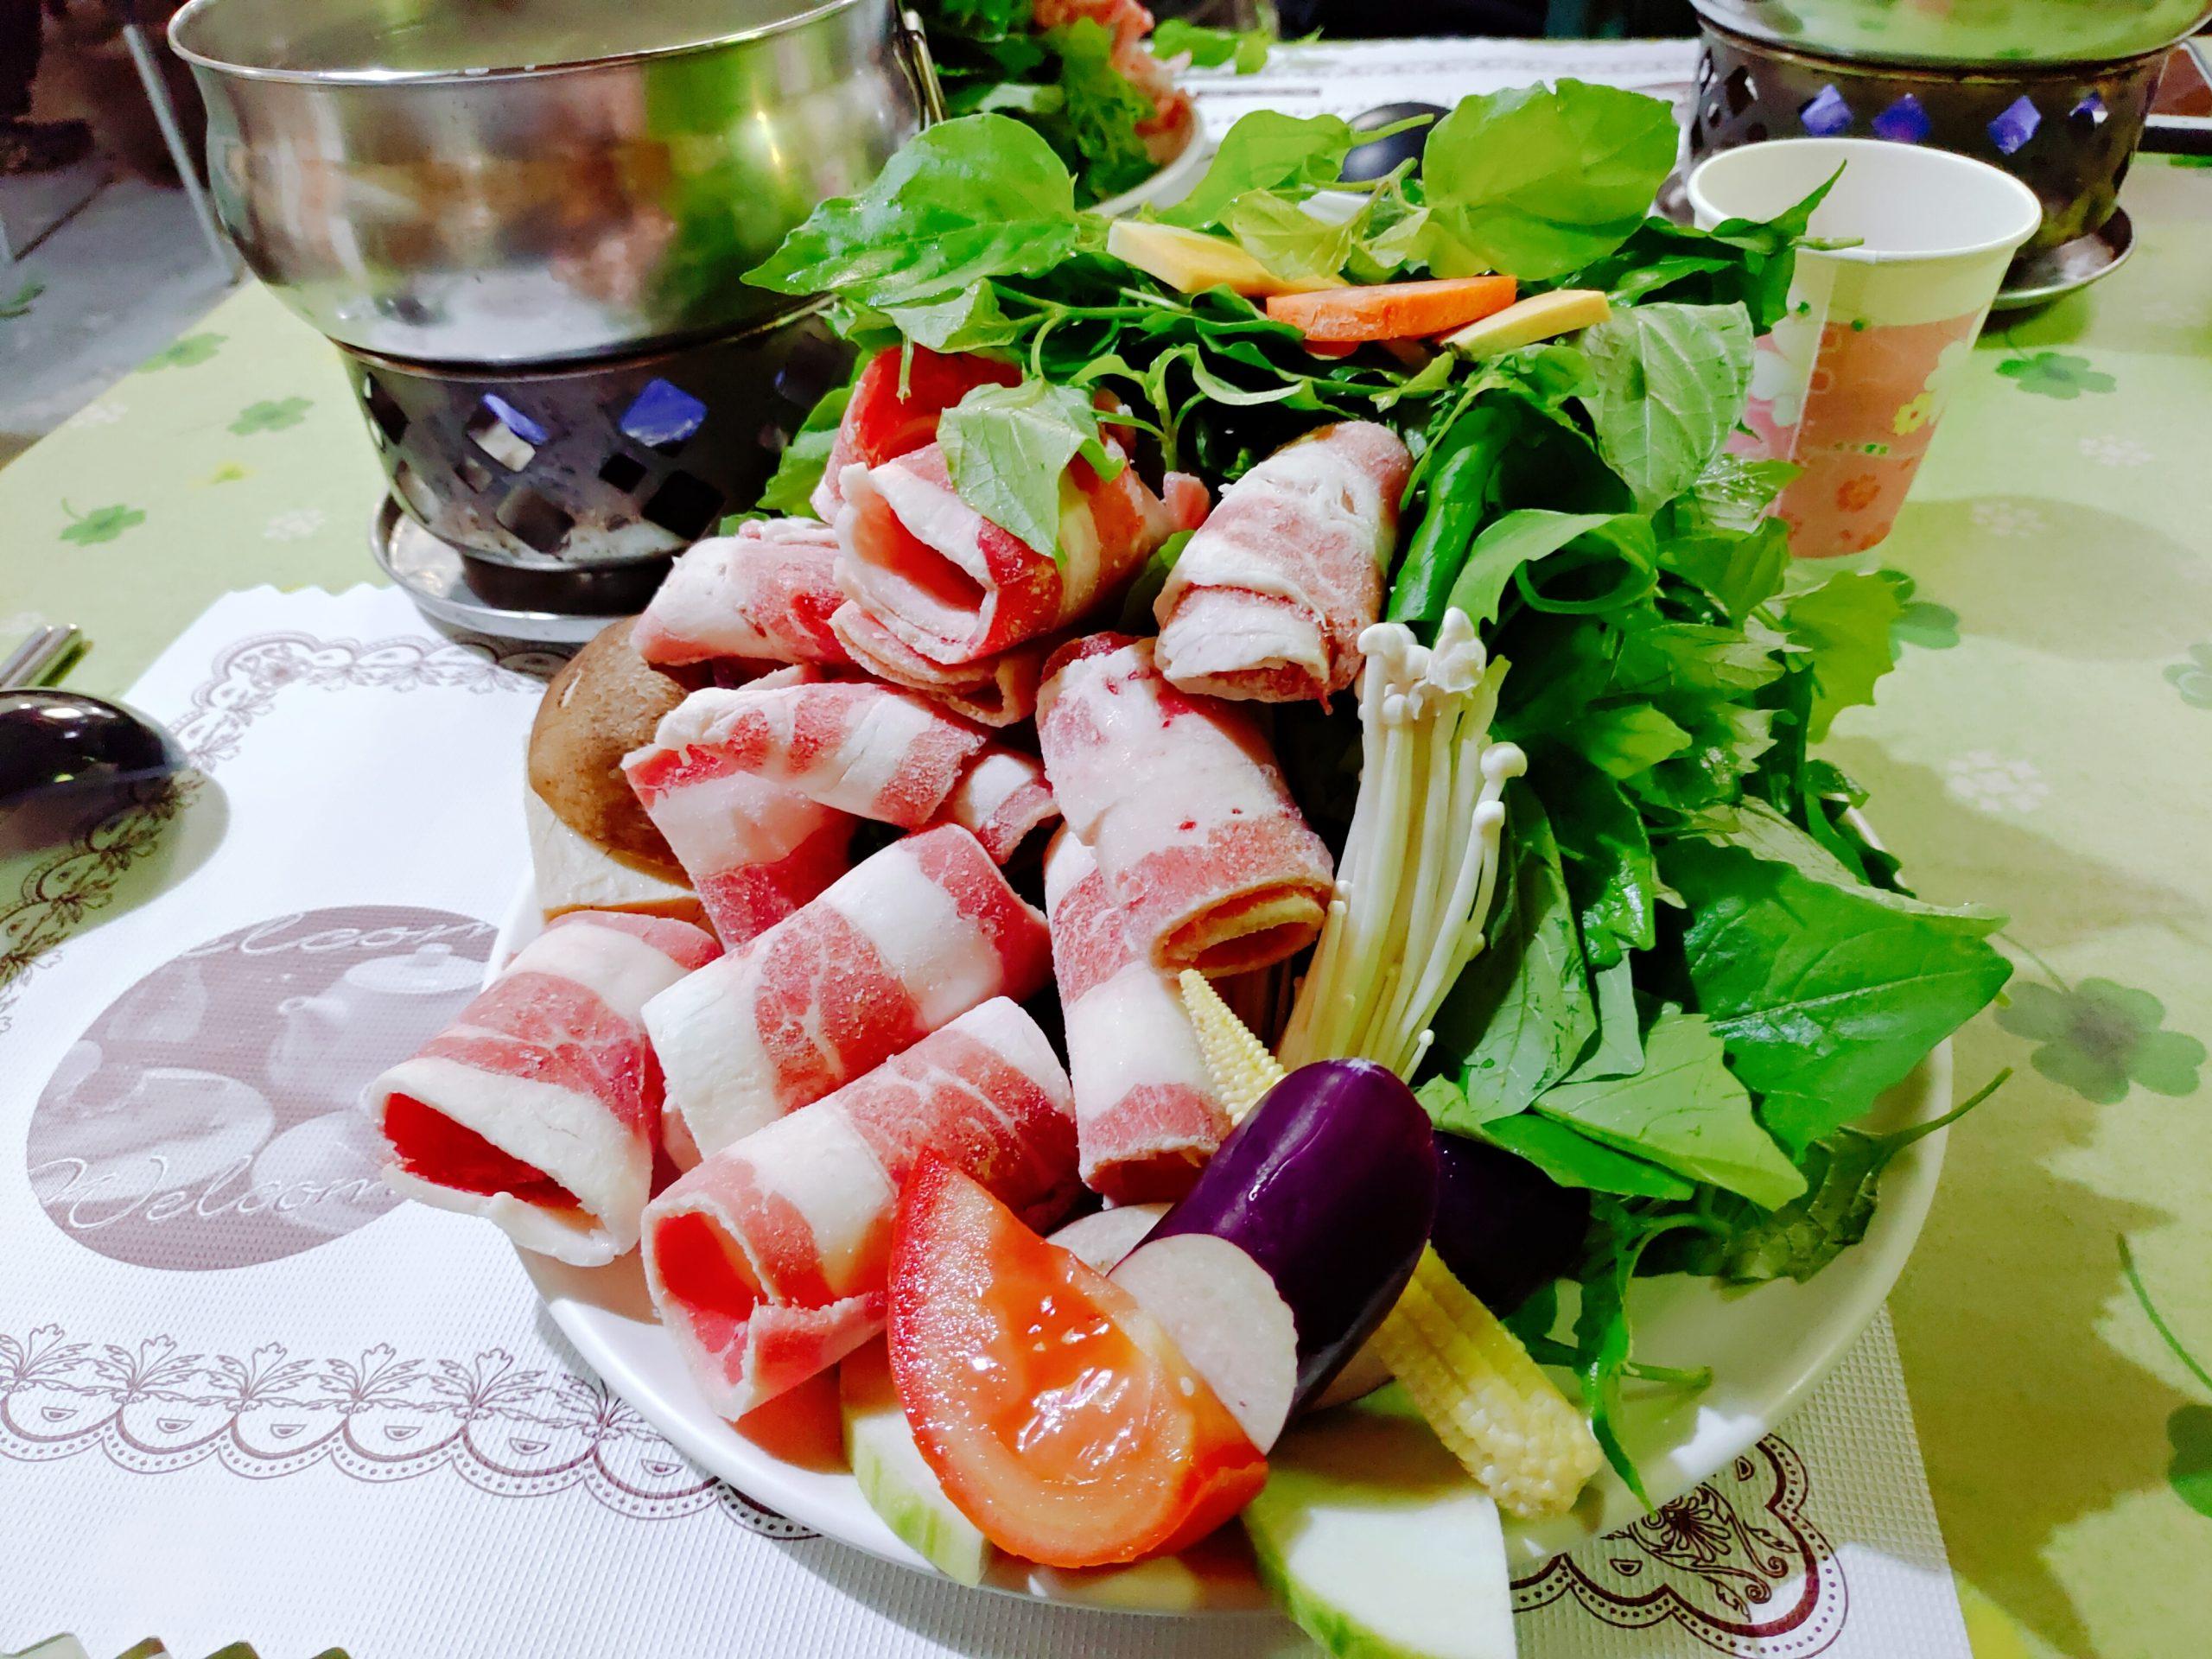 【花蓮瑞穗】瑪卡多庭園咖啡|火鍋的野菜份量爆炸多,獨特的蔬菜湯底